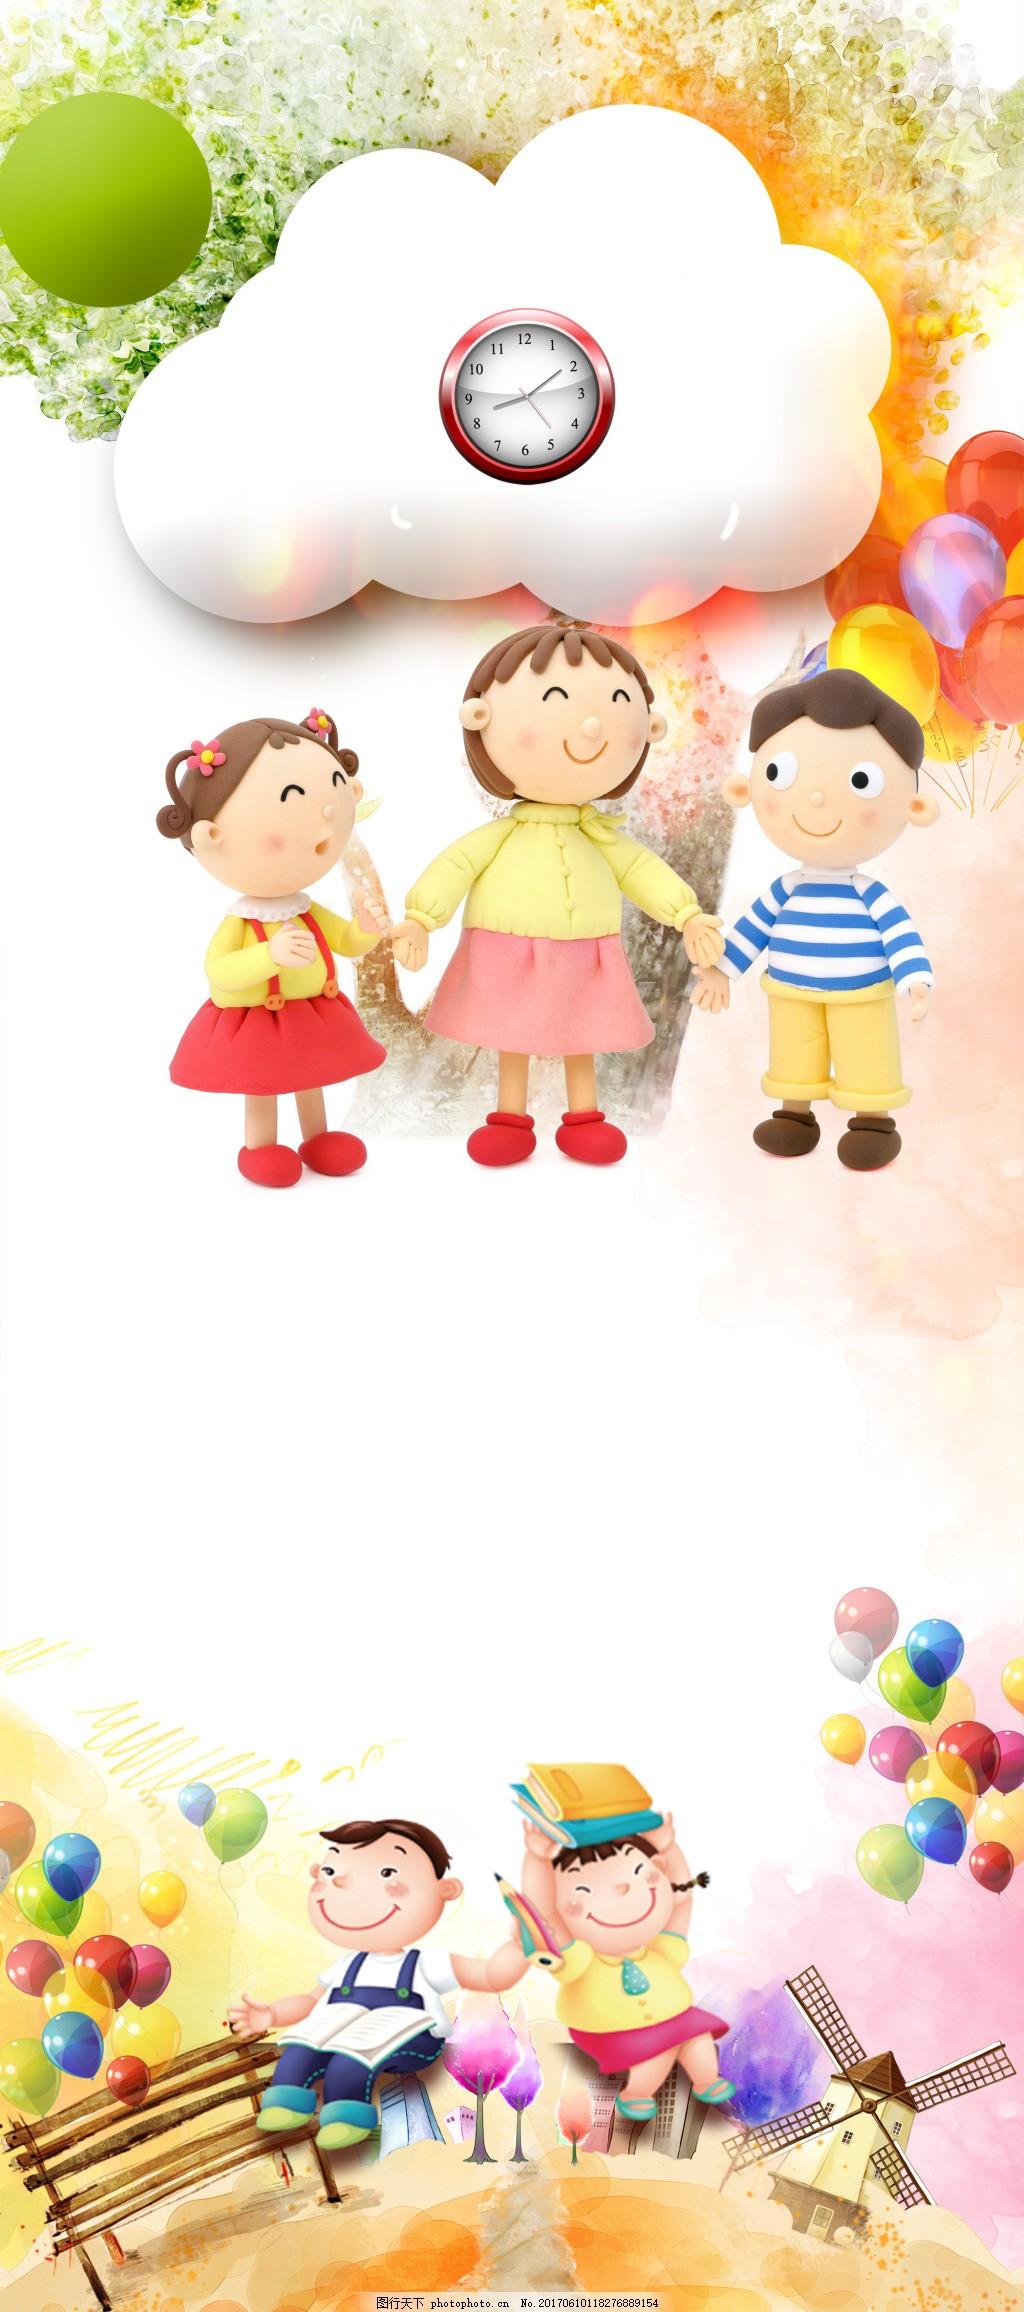 卡通幼儿园小朋友玩耍场景